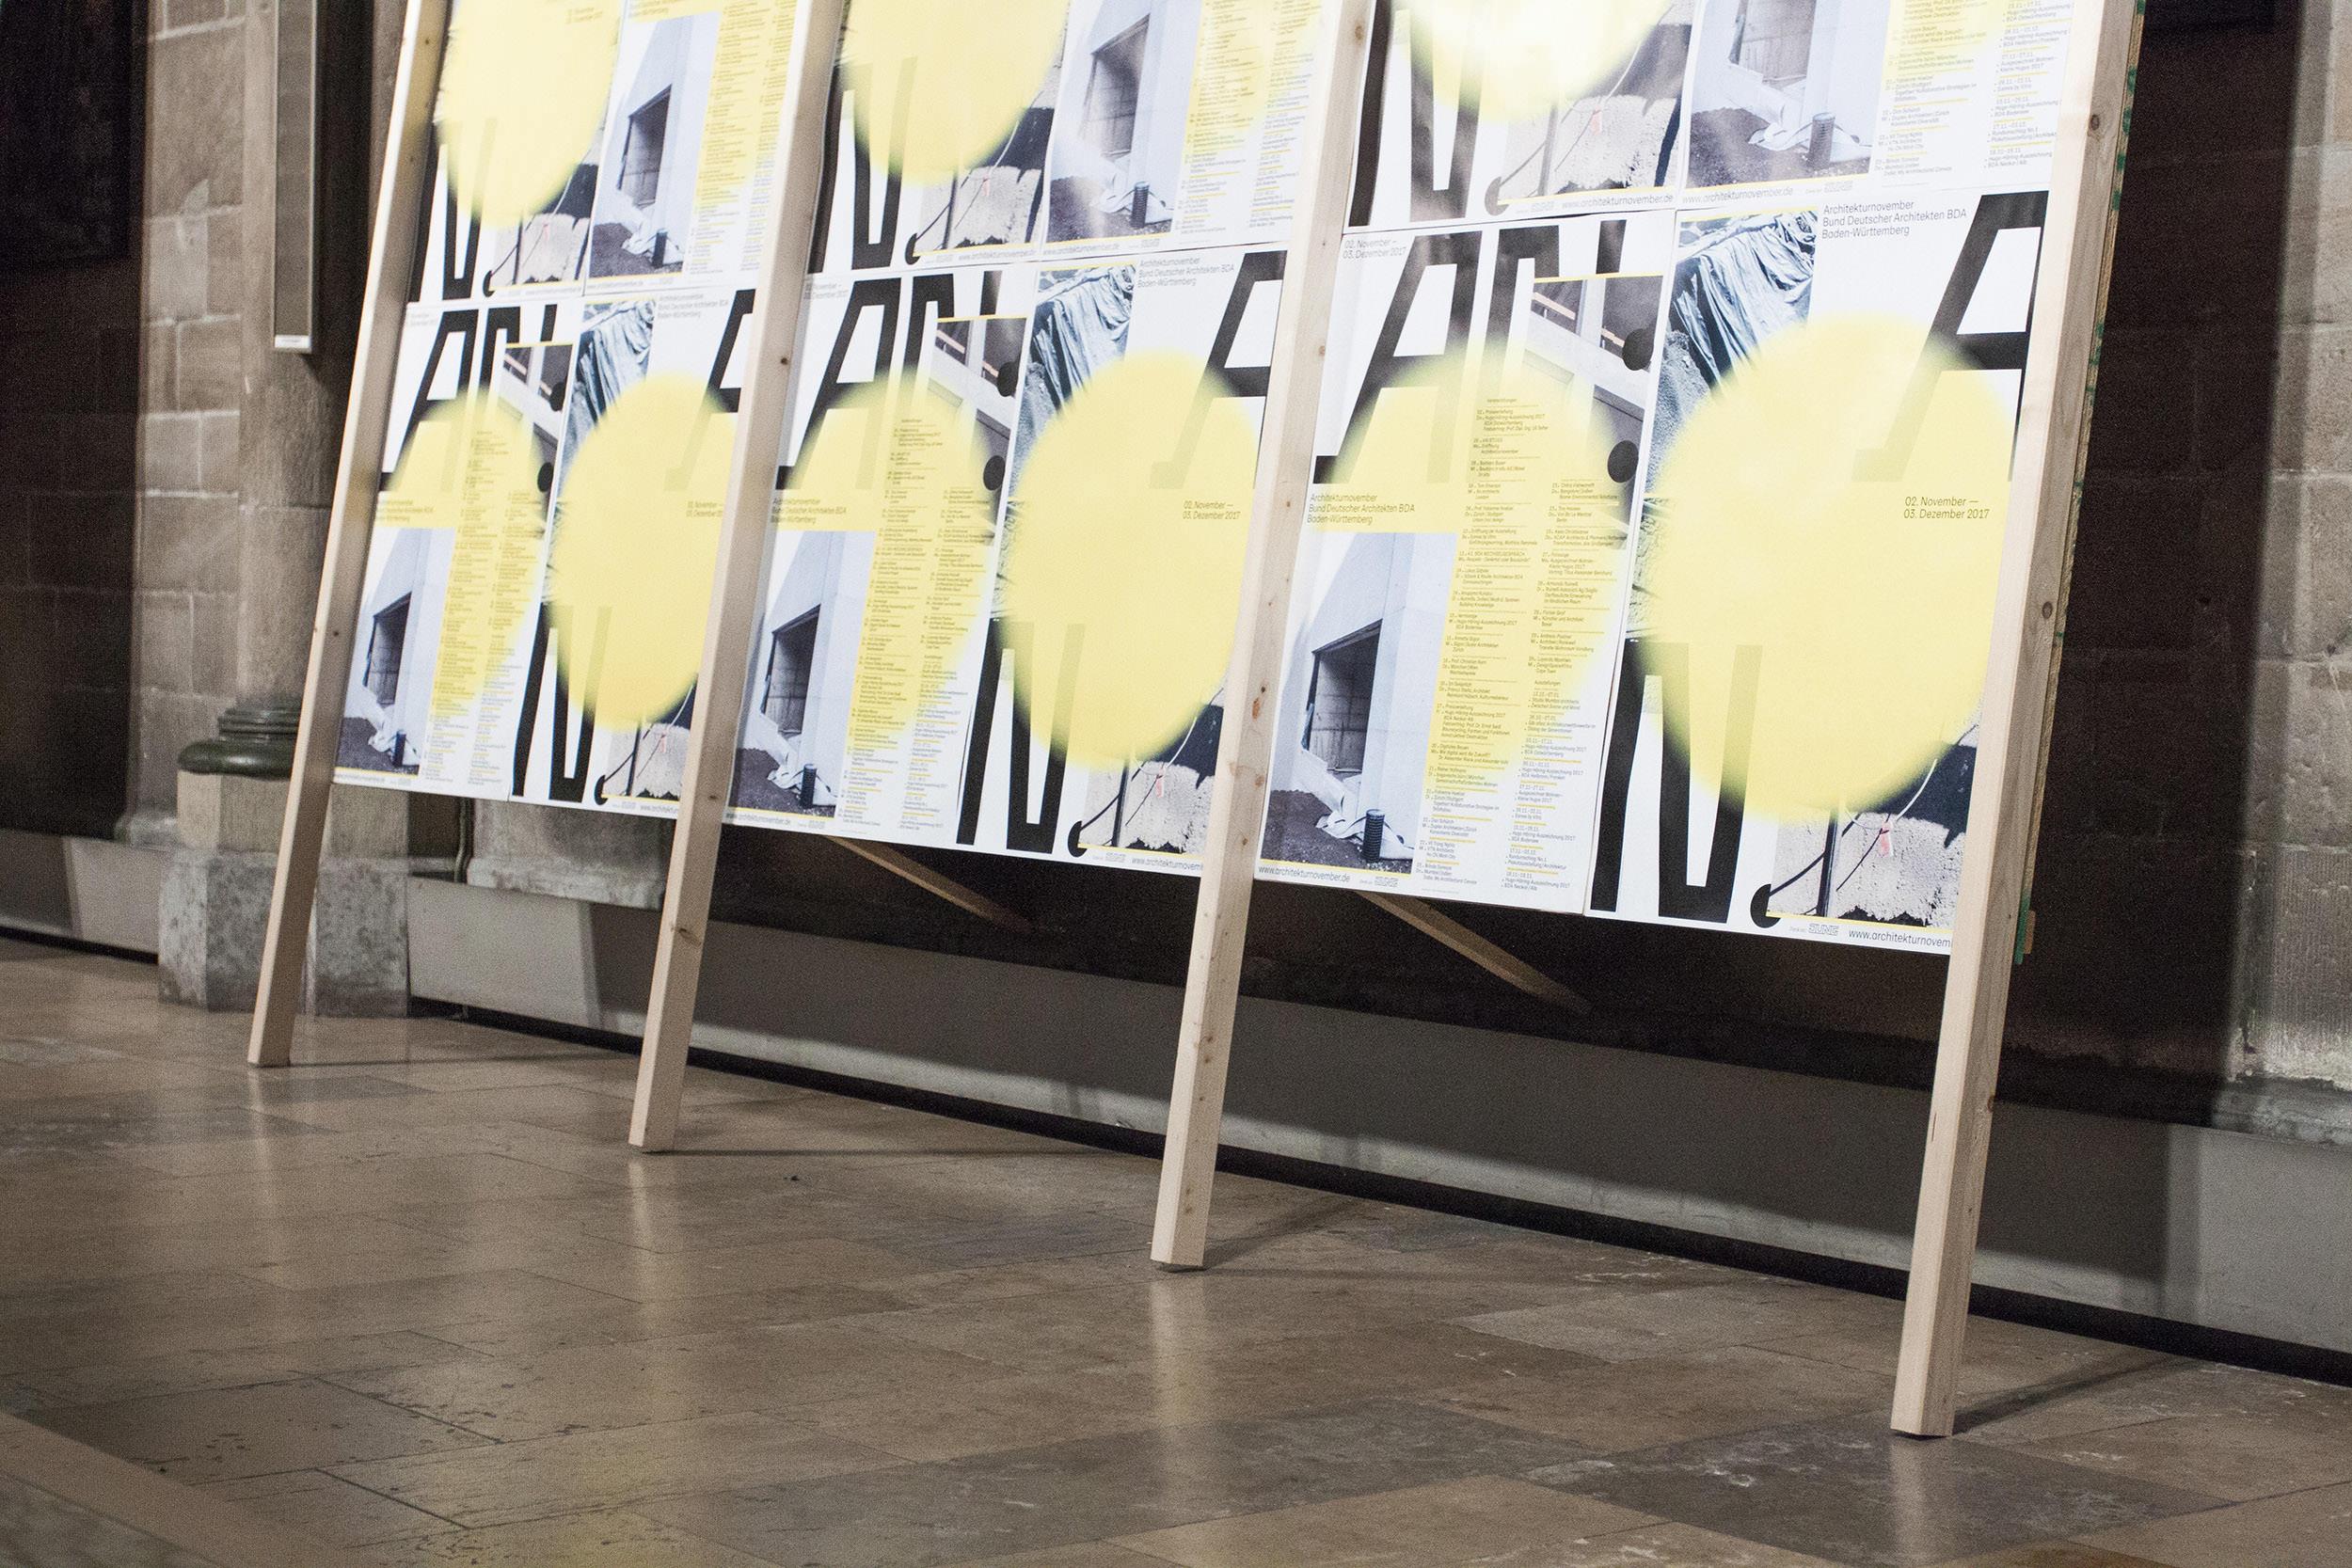 Plakatwand bei der Eröffnungsveranstaltung des Architekturnovember 2017 in der Kirche St. Maria in der Tübinger Straße.